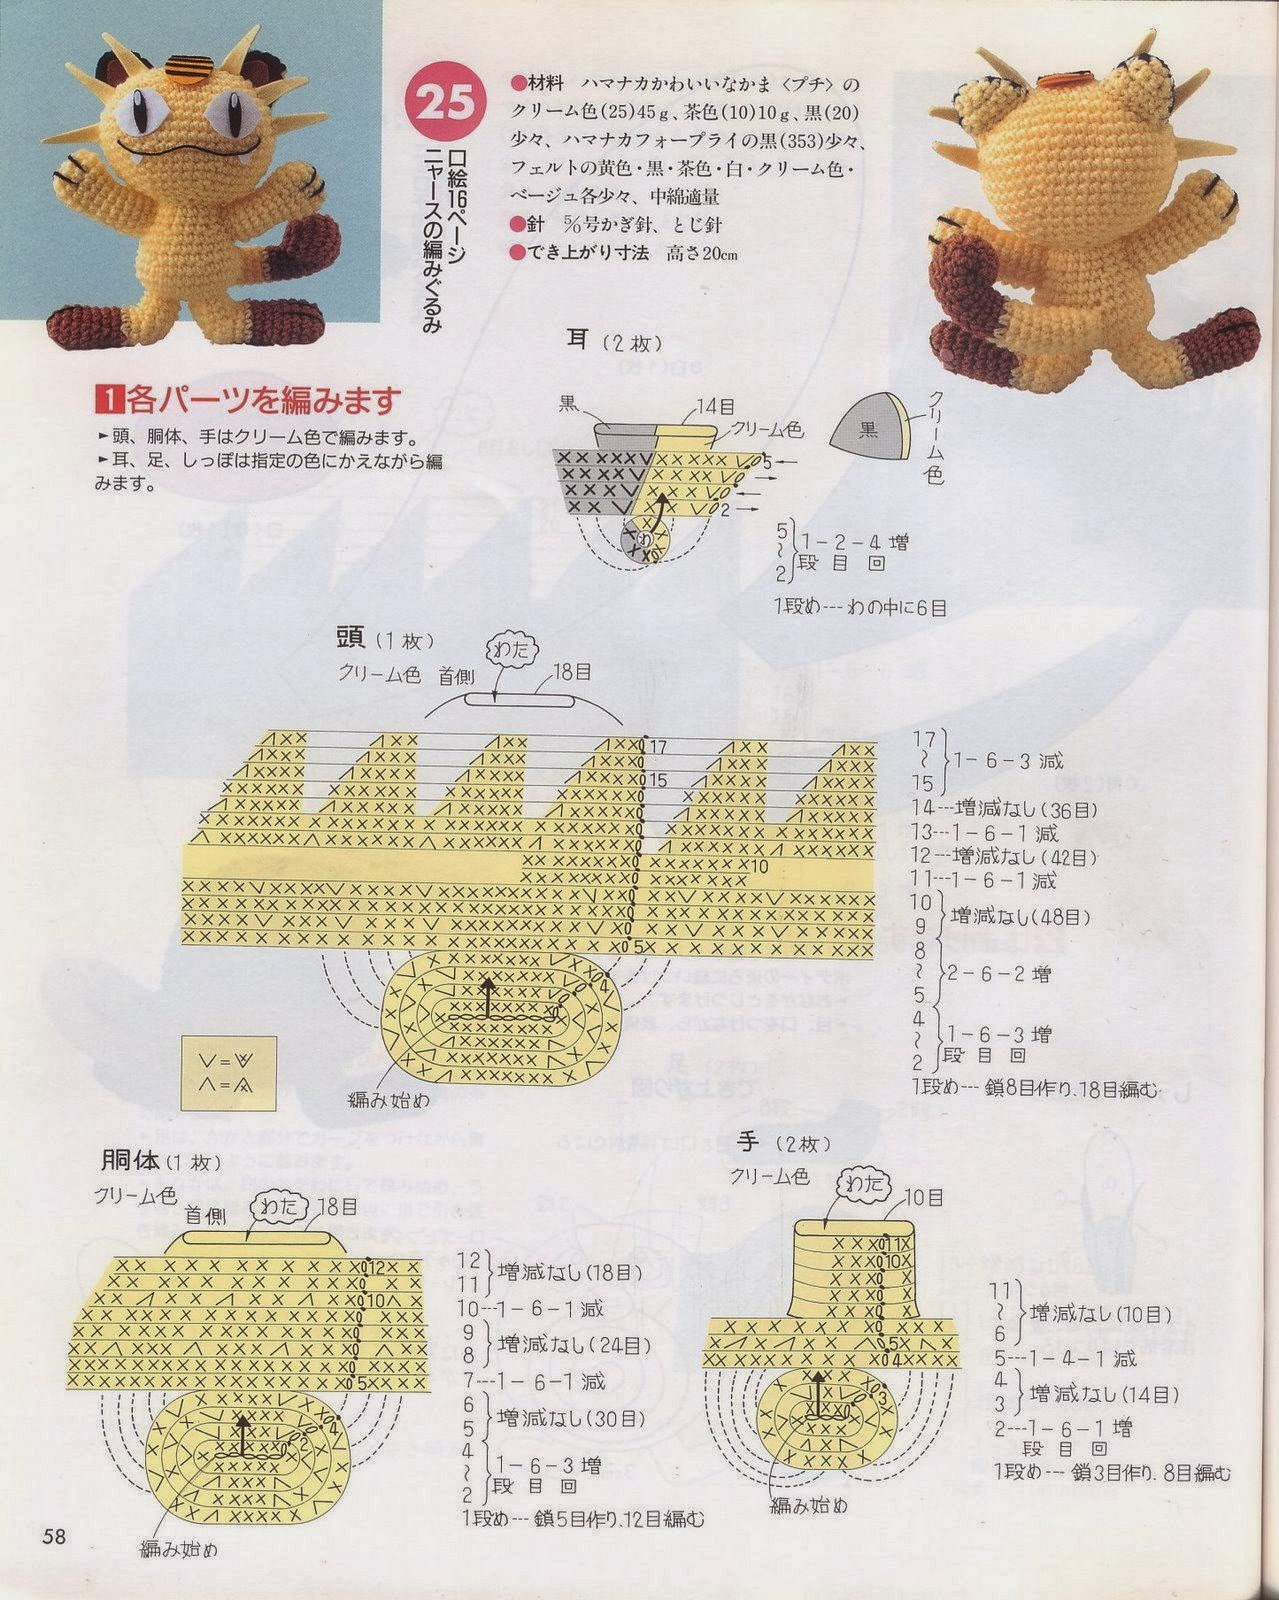 Blog de Goanna: Munecos Pokemon en Amigurumi